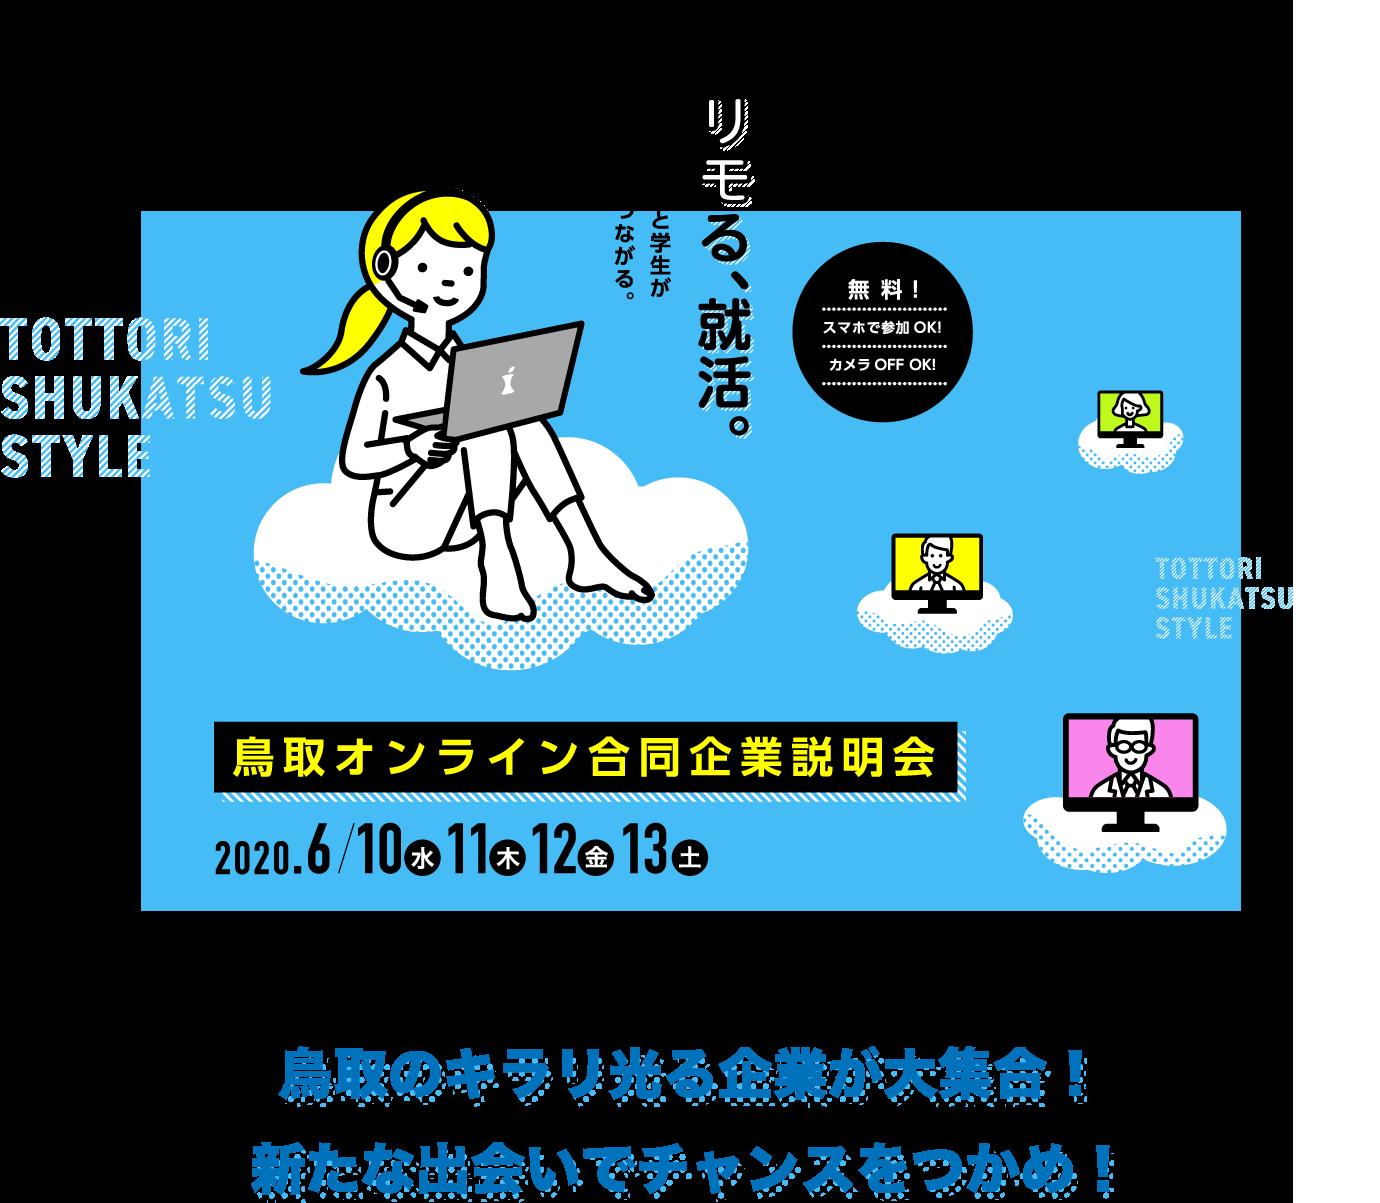 鳥取オンライン合同企業説明会 2020年6月10日、11日、12日、13日 リモる、就活。鳥取の企業と学生があつまる、つながる。参加無料!スマホで参加OK!鳥取のキラリ光る企業が大集合!新たな出会いでチャンスをつかめ!